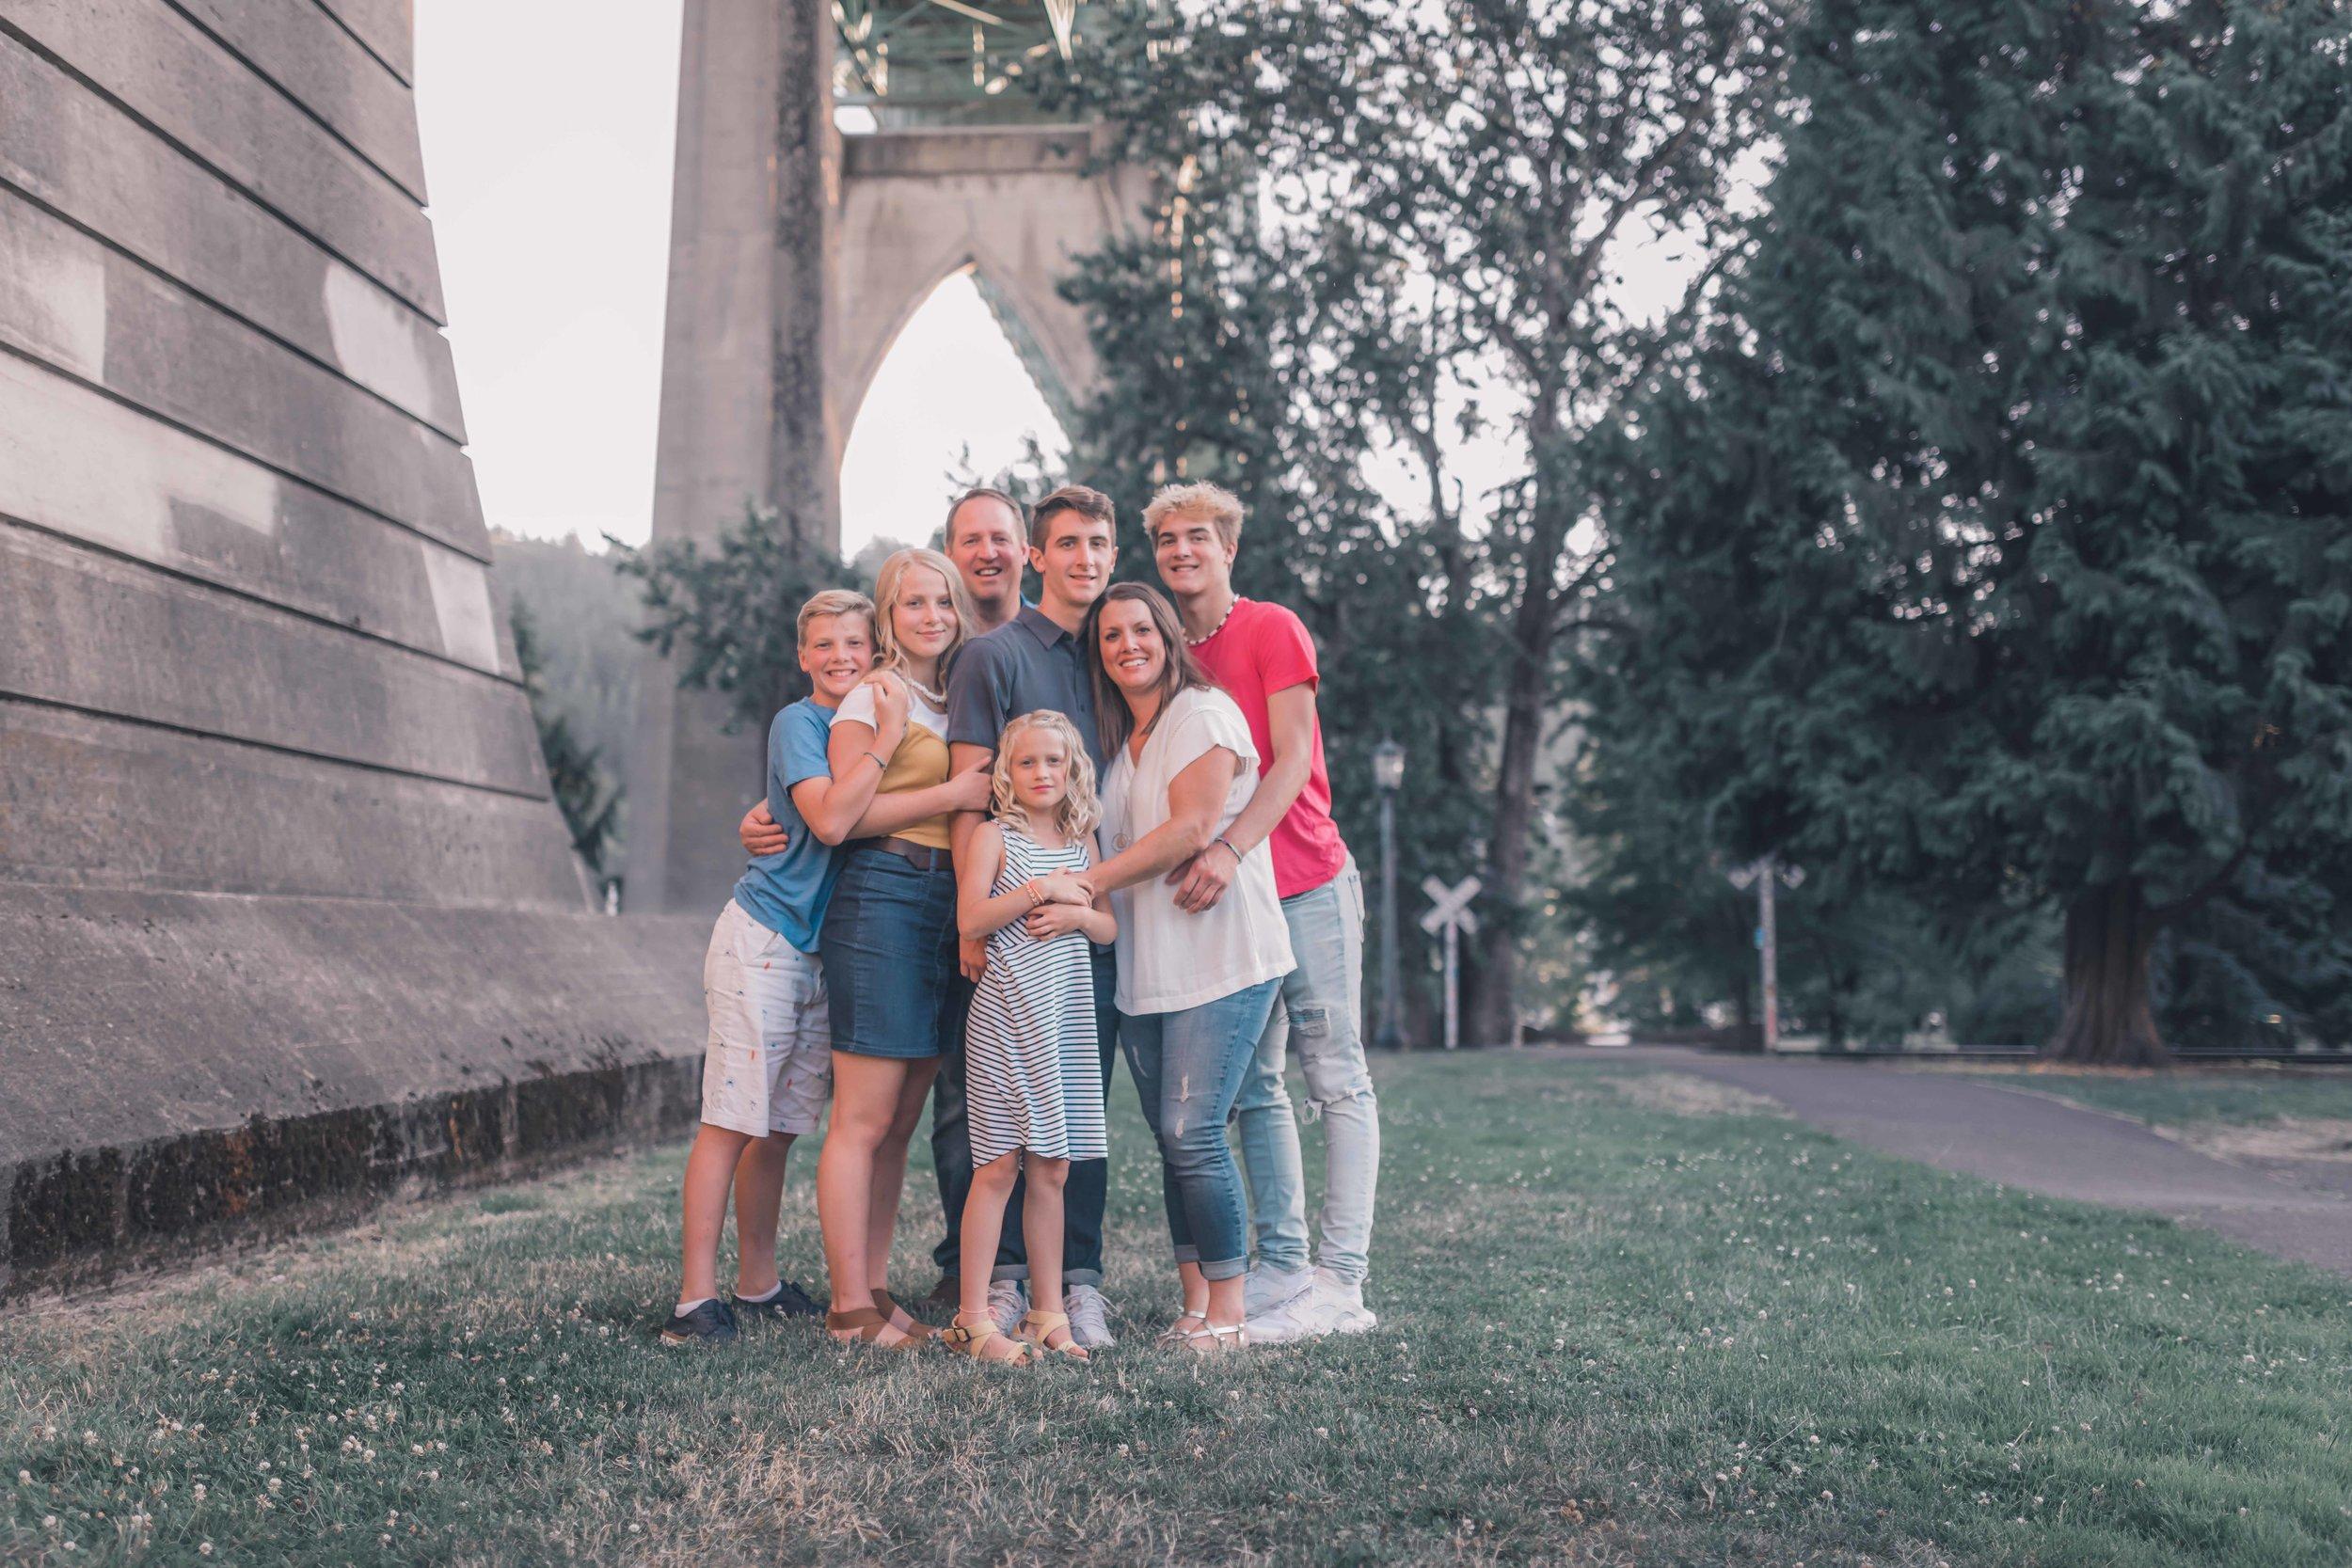 Ordyna Family Photos  (245 of 257).jpg